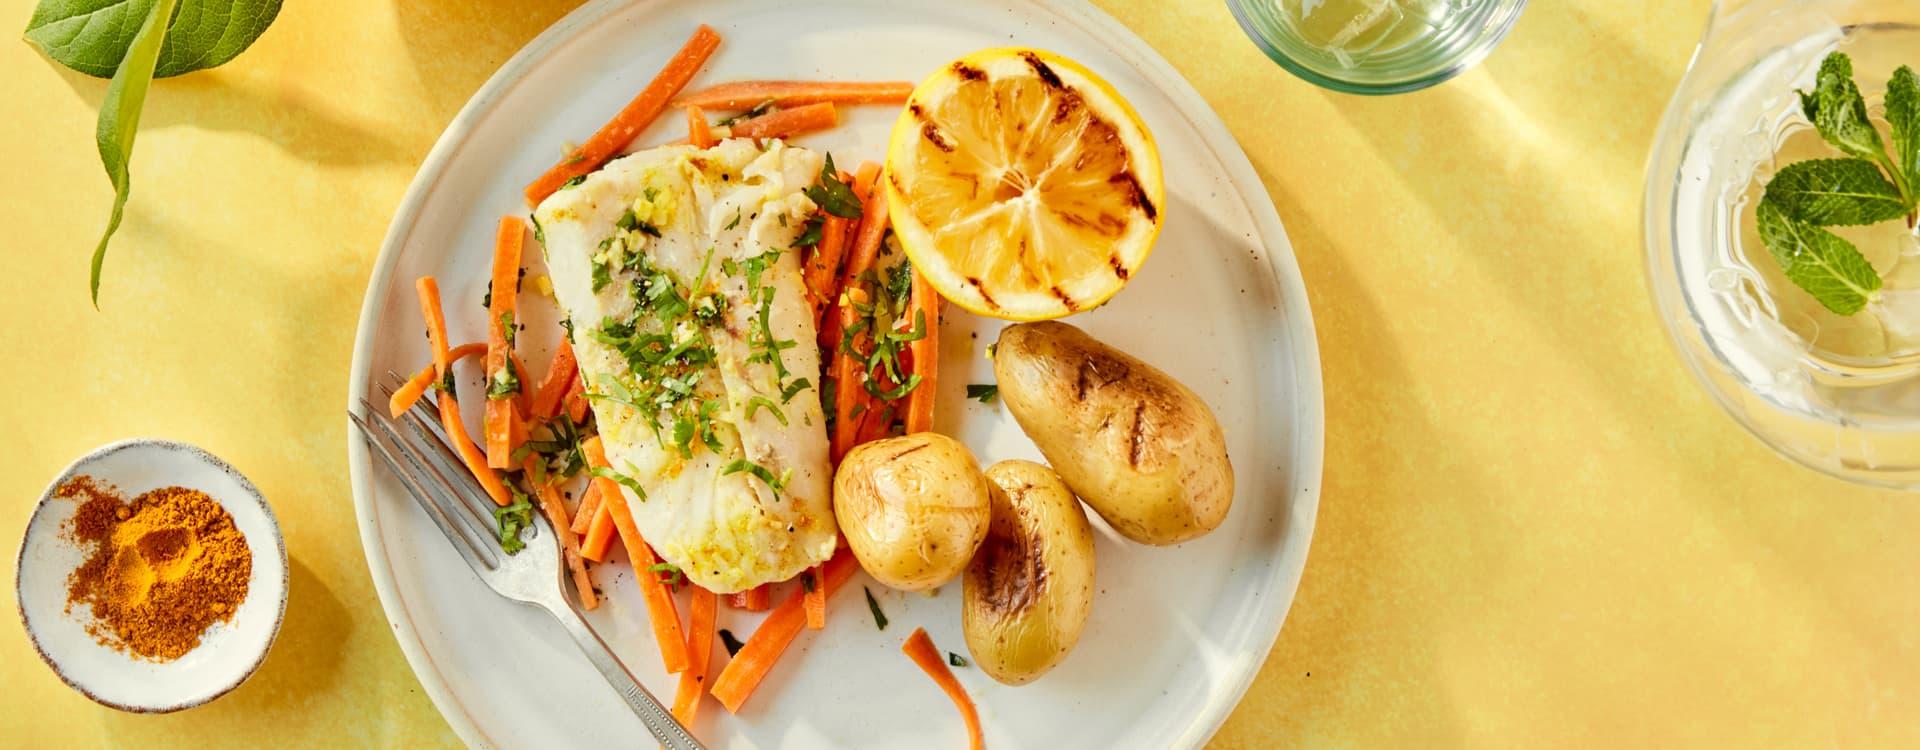 Torsk med gulrøtter, karri og ingefær